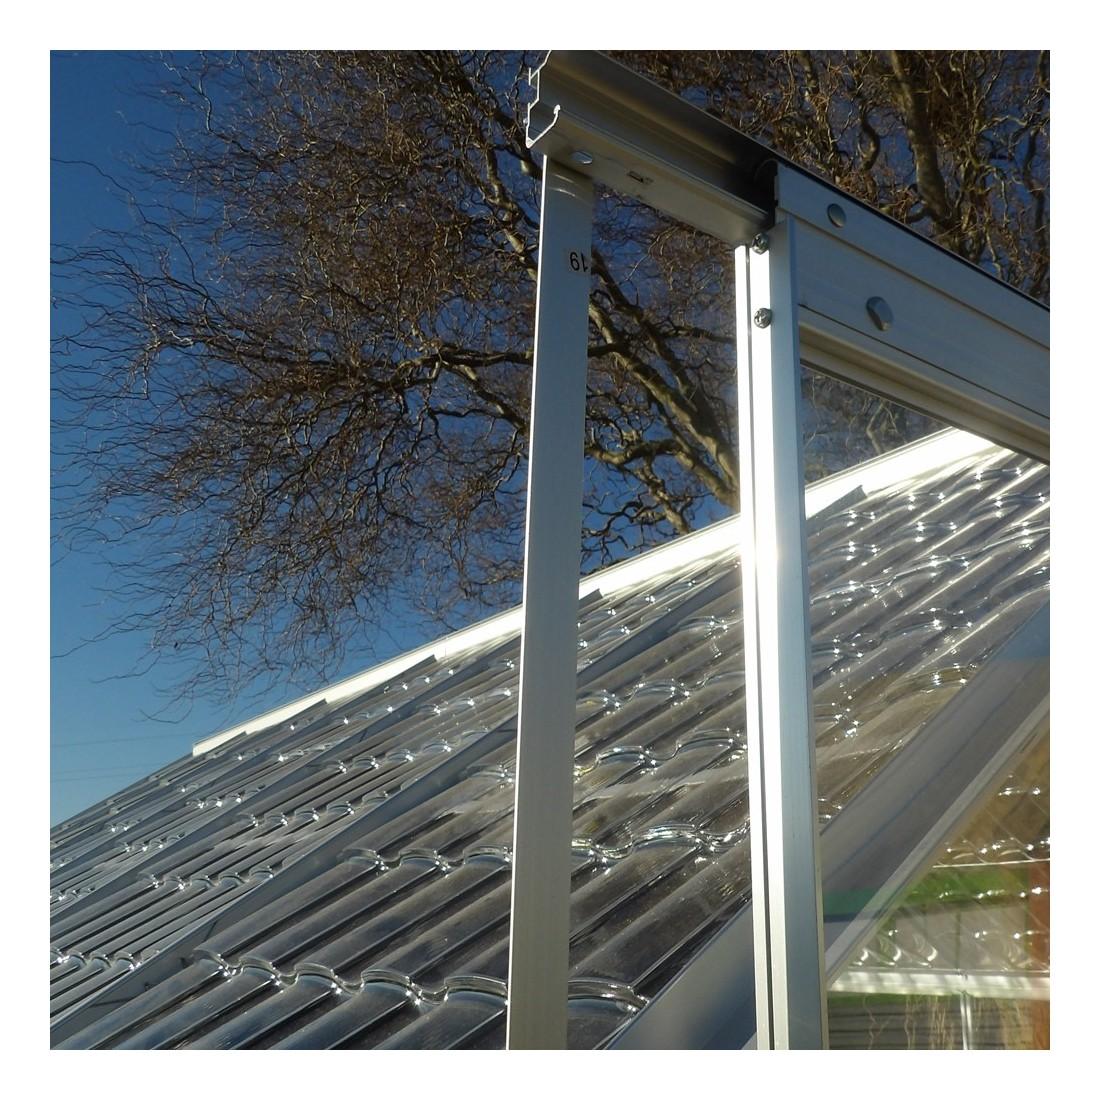 Serre cristal 4 75m porte coulissante - Plaque polycarbonate pour serre jardin ...